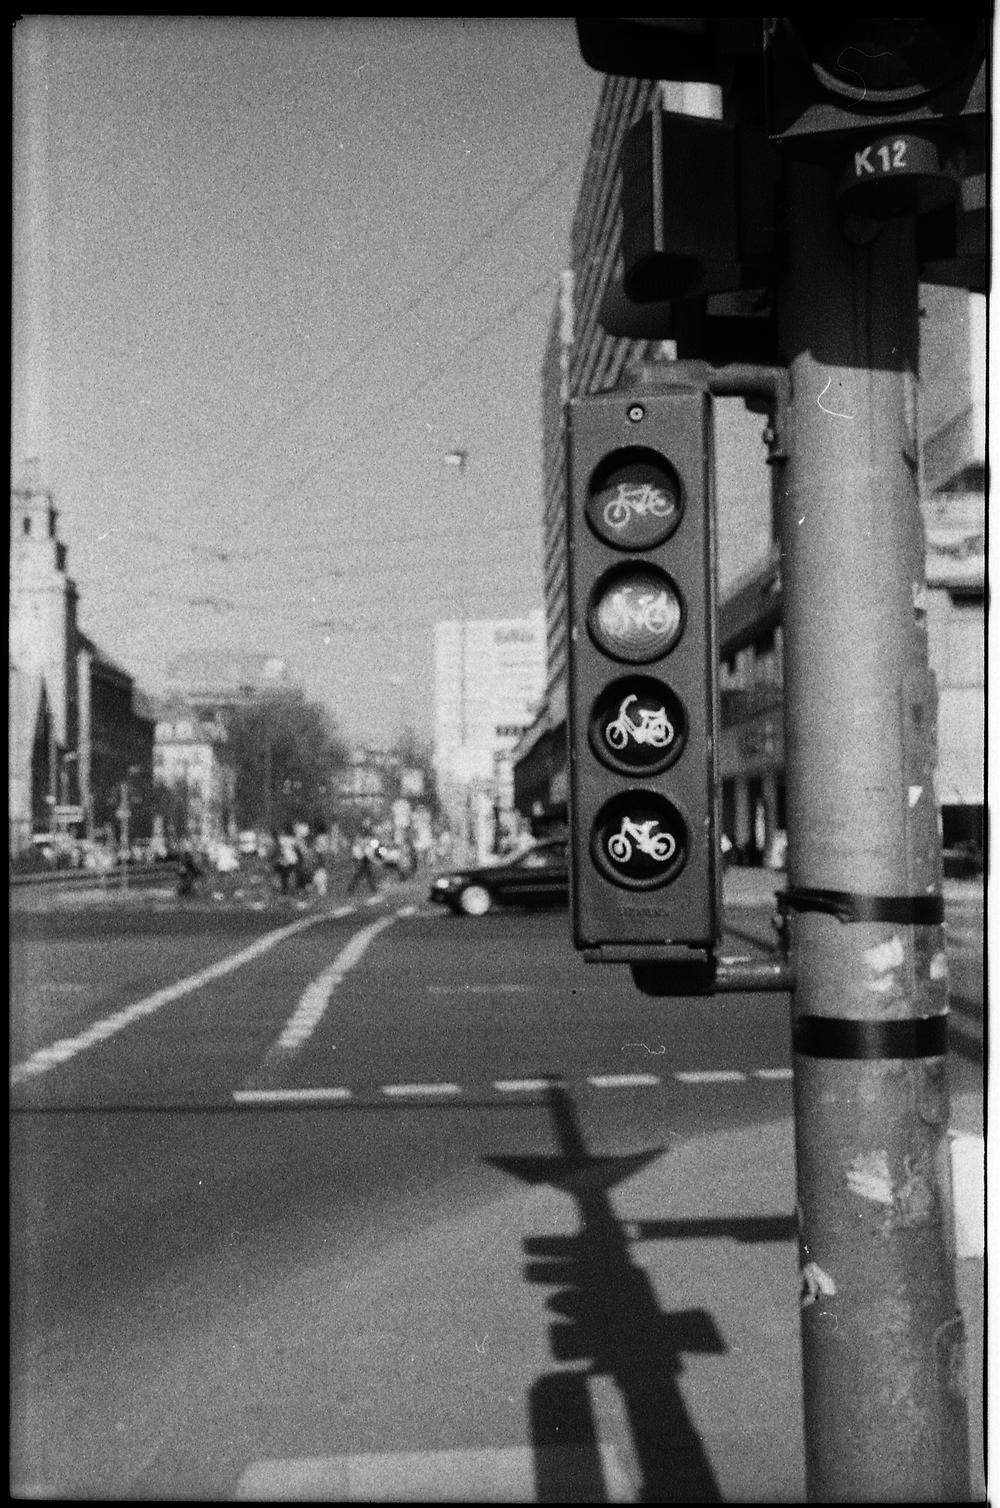 Berlin_35mm_3.jpg